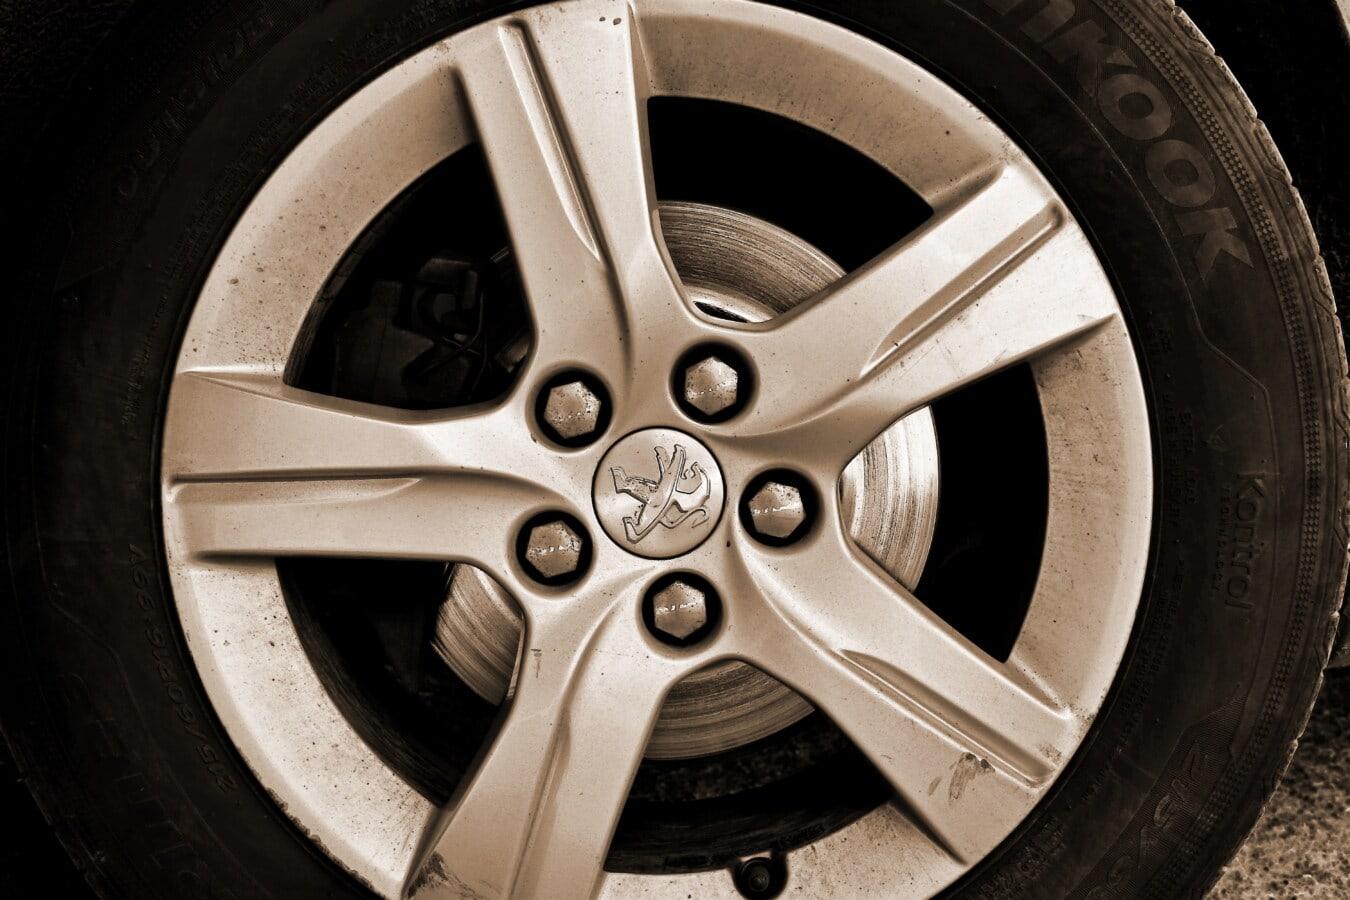 sépia, pneu, jante, en alliage, en aluminium, transport, véhicule, voiture, machine, roue